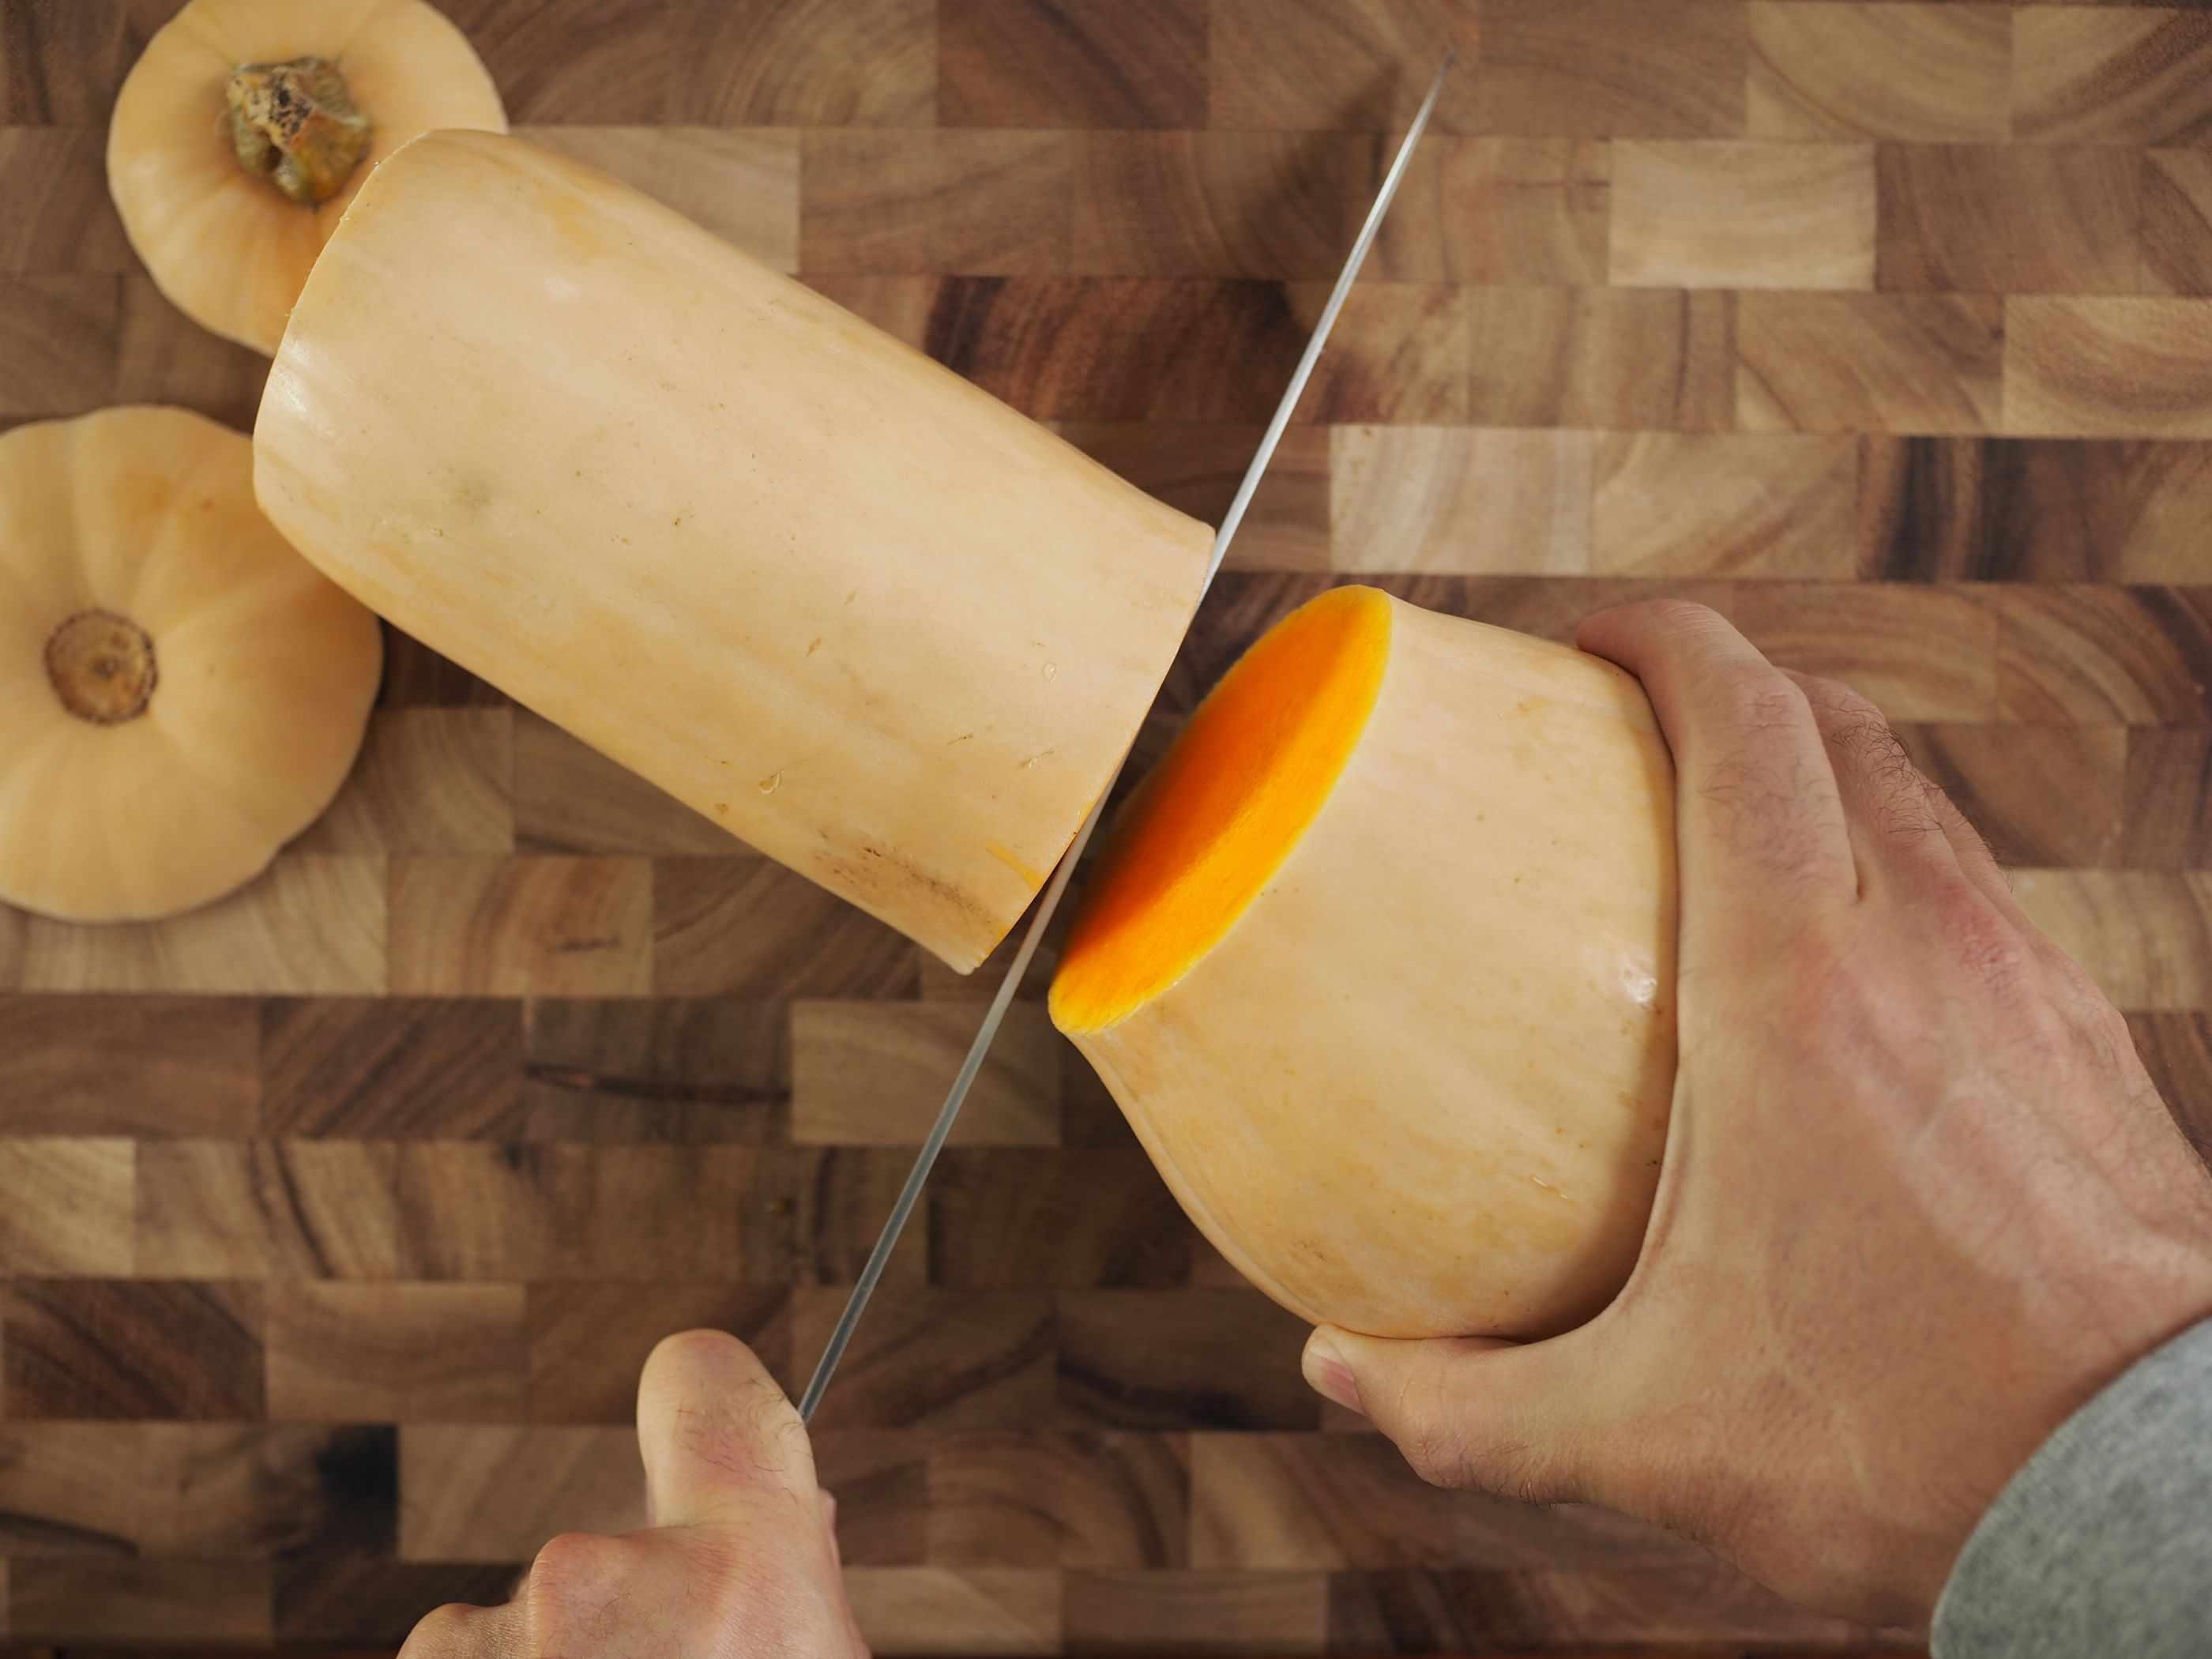 20141008-knife-skills-butternut-squash-daniel-gritzer06.jpg